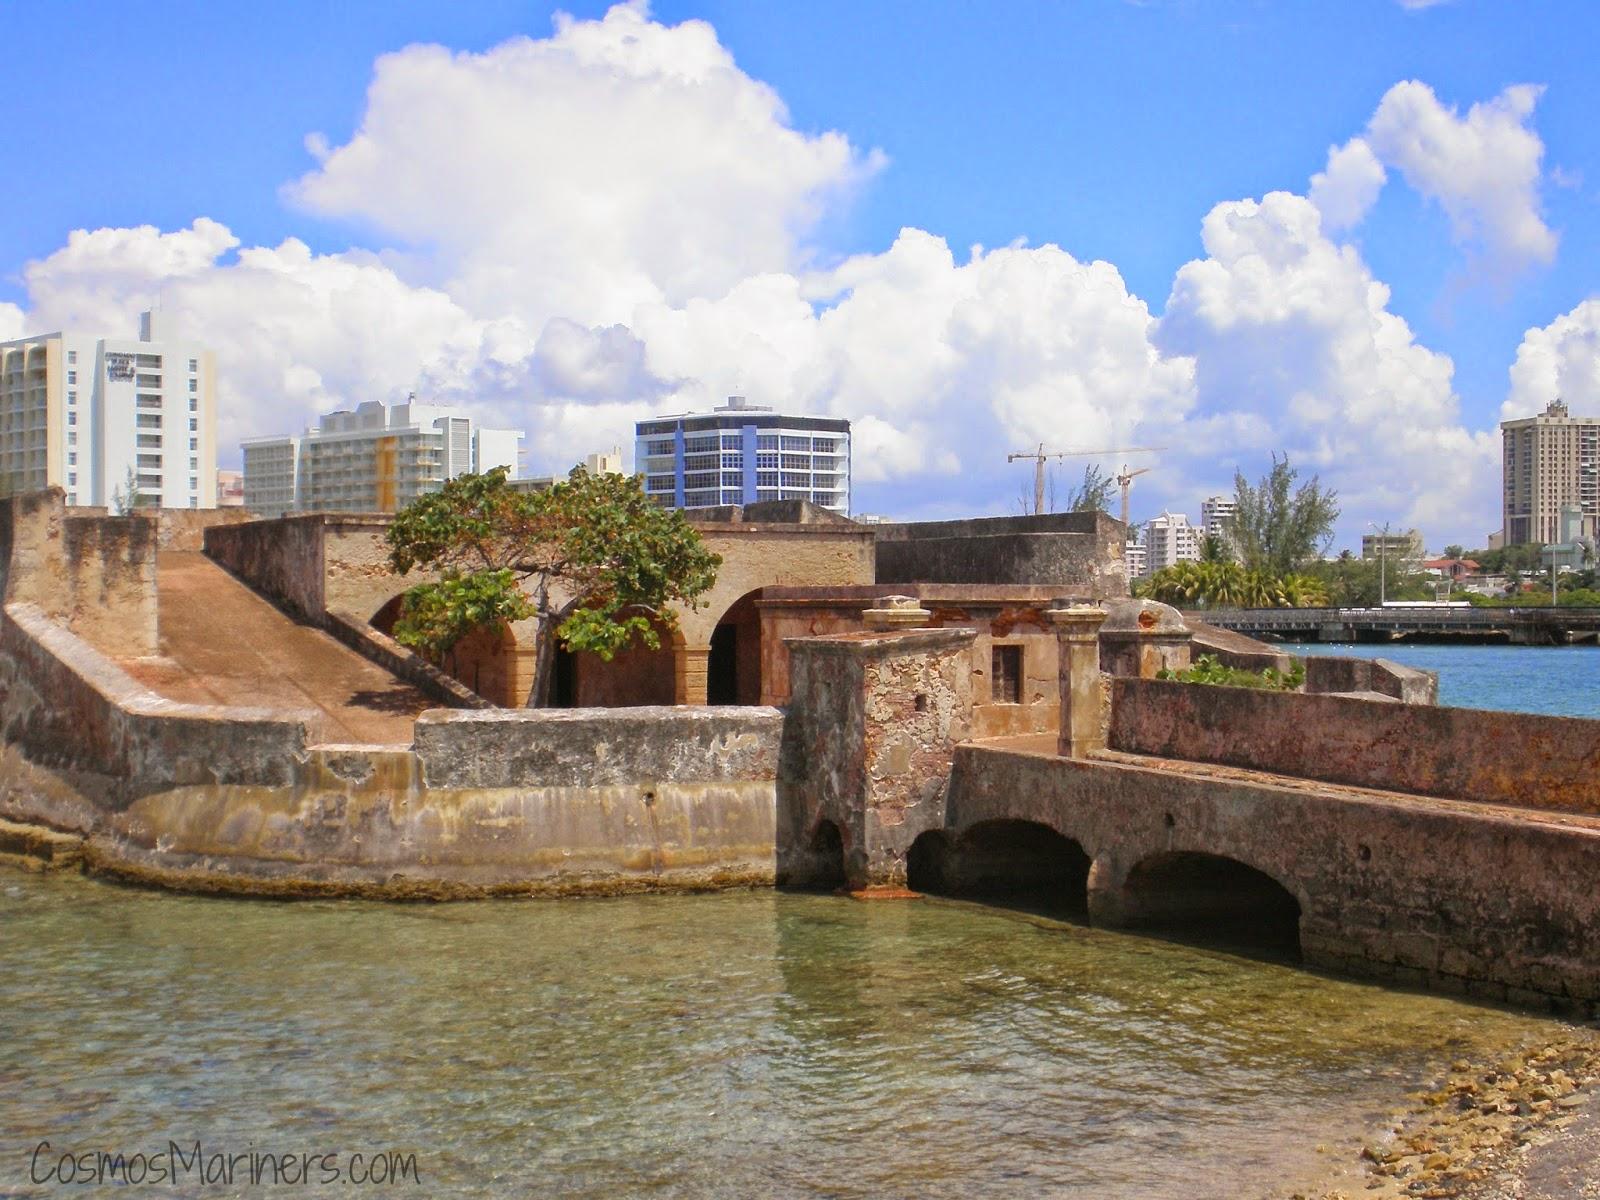 Puerto Rican Paradise: Caribe Hilton Hotel in San Juan | CosmosMariners.com